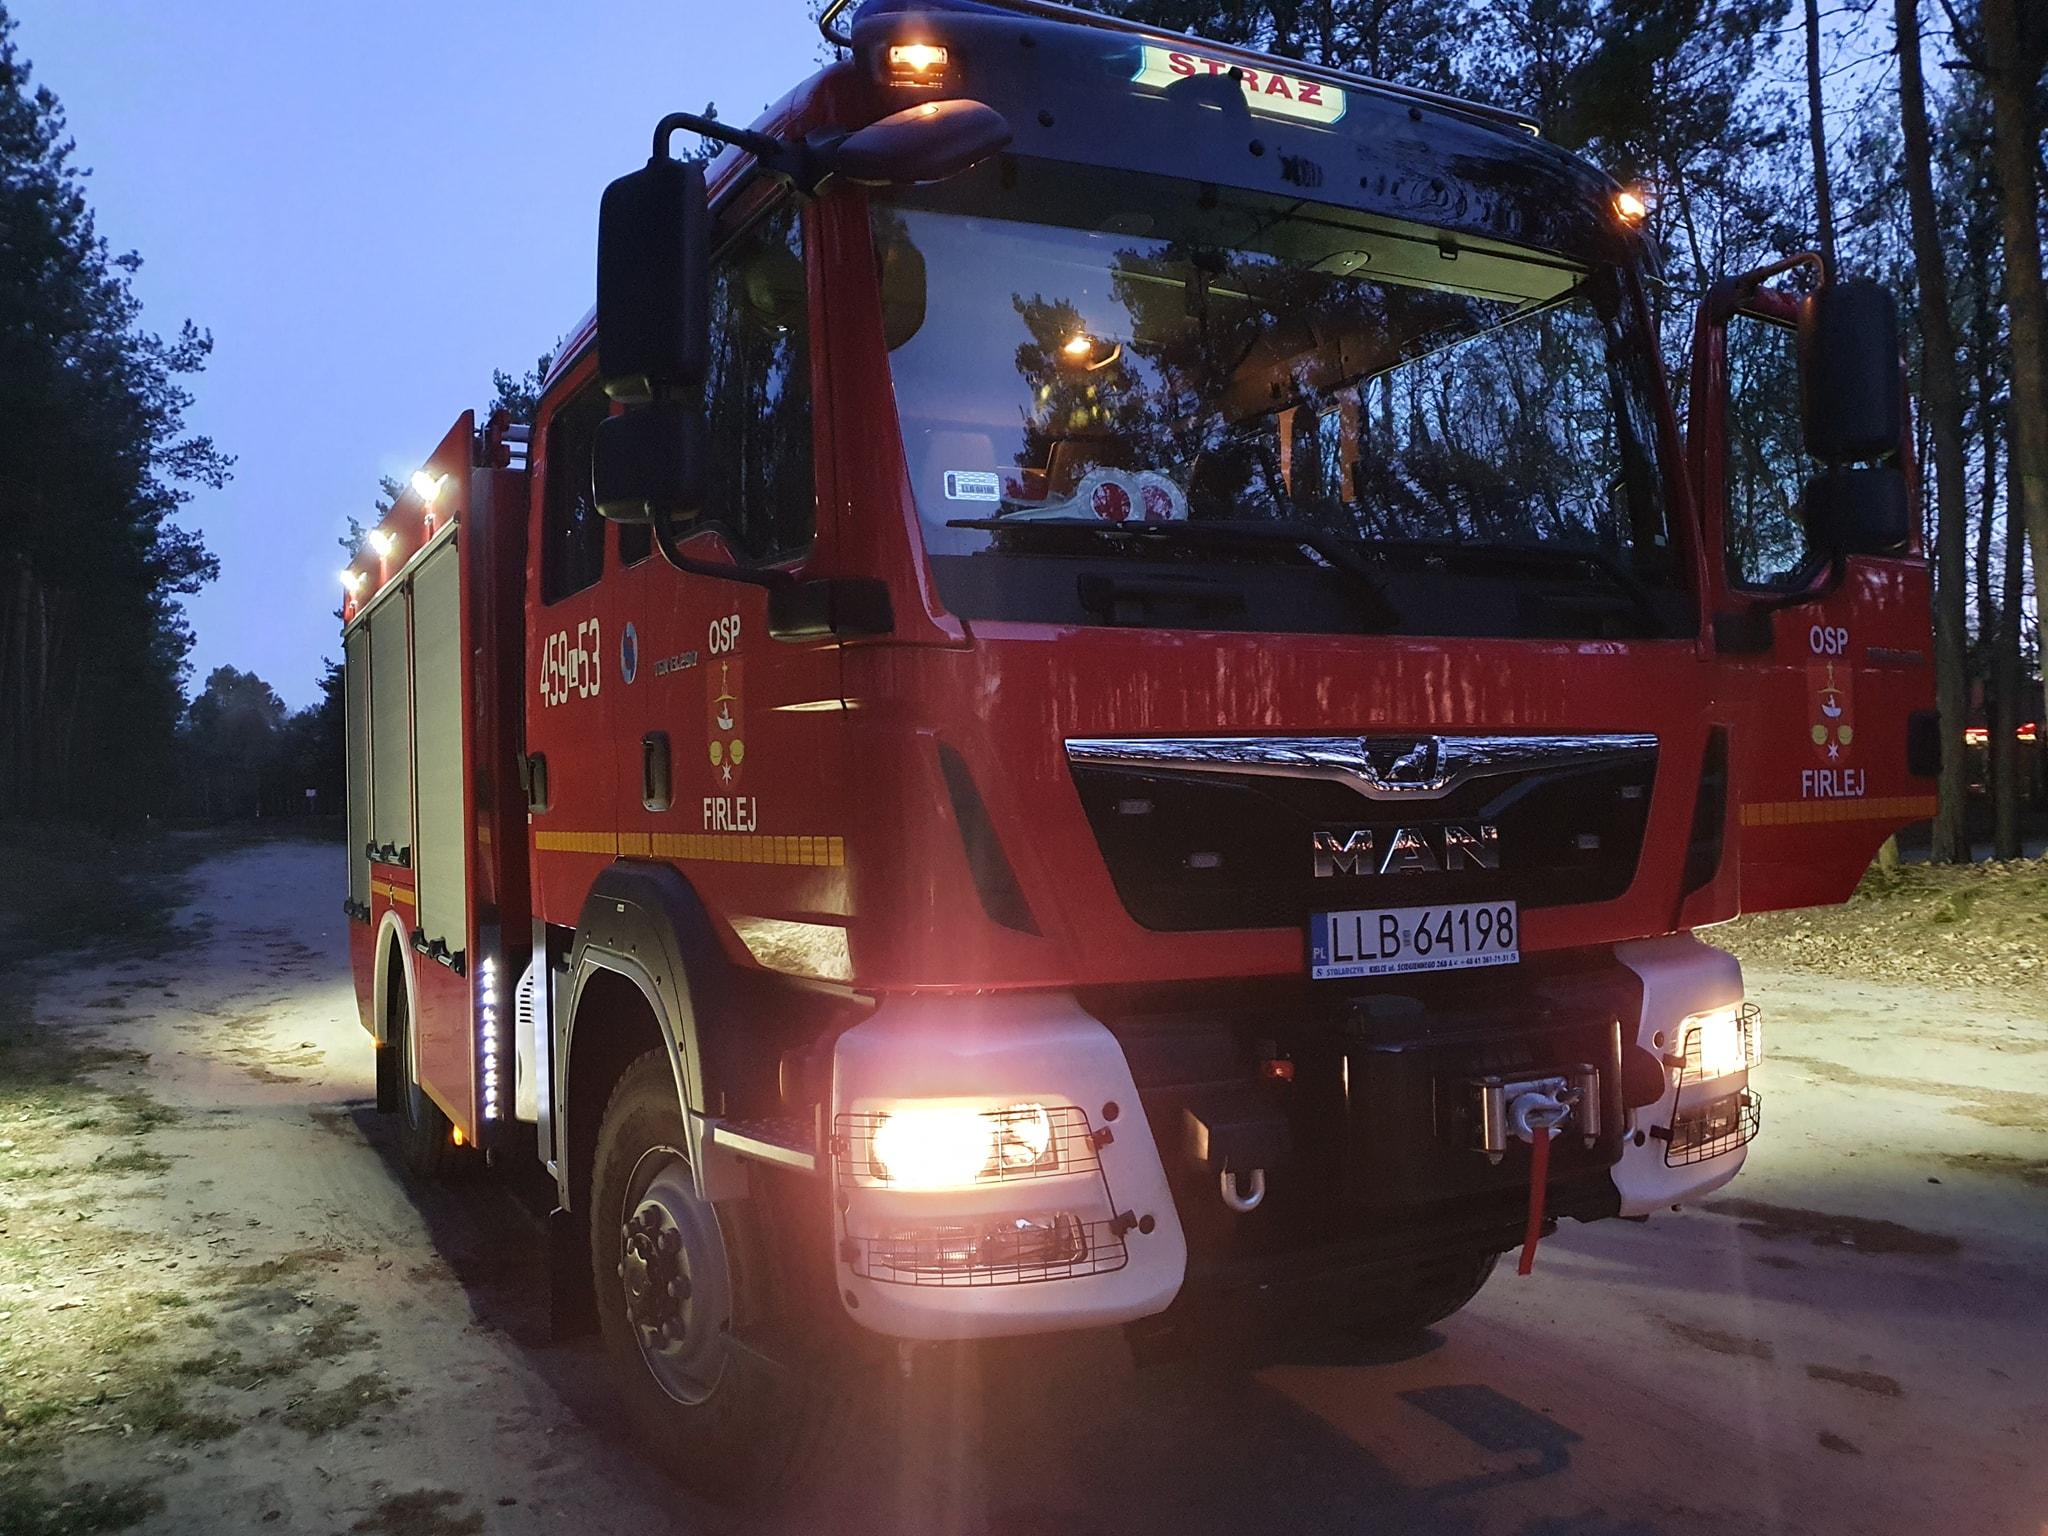 Pożar instalacji elektrycznej w domu w Firleju - Zdjęcie główne